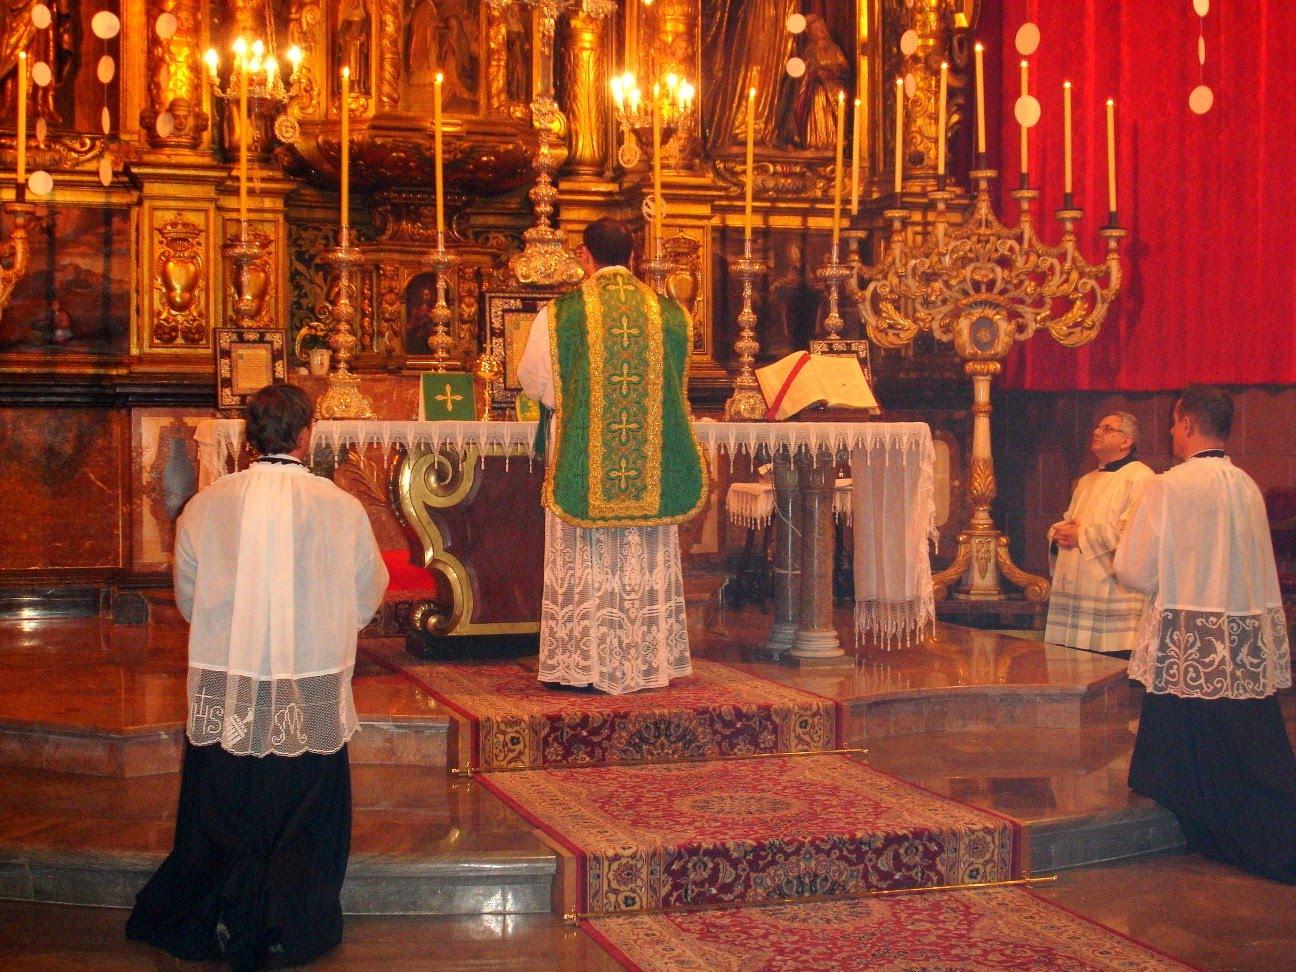 Mil palma de mallorca santa messa - Colorazione pagine palma domenica ...